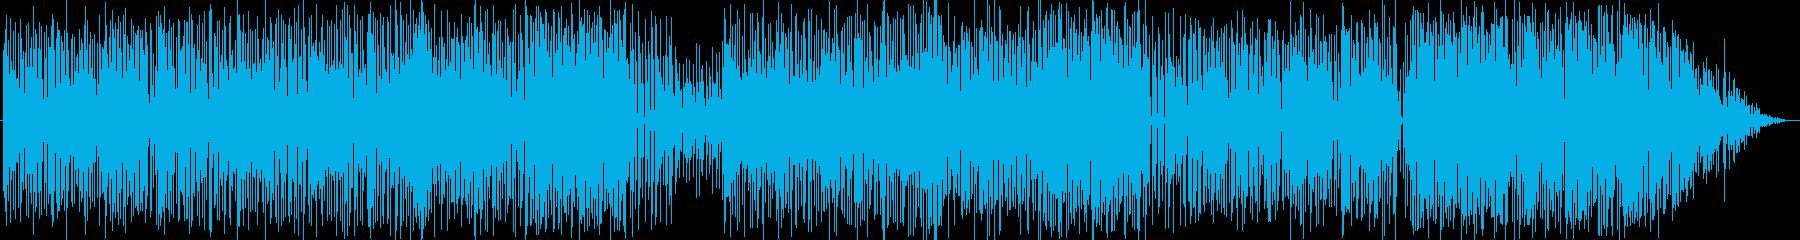 綺麗で軽快なポップミュージックの再生済みの波形